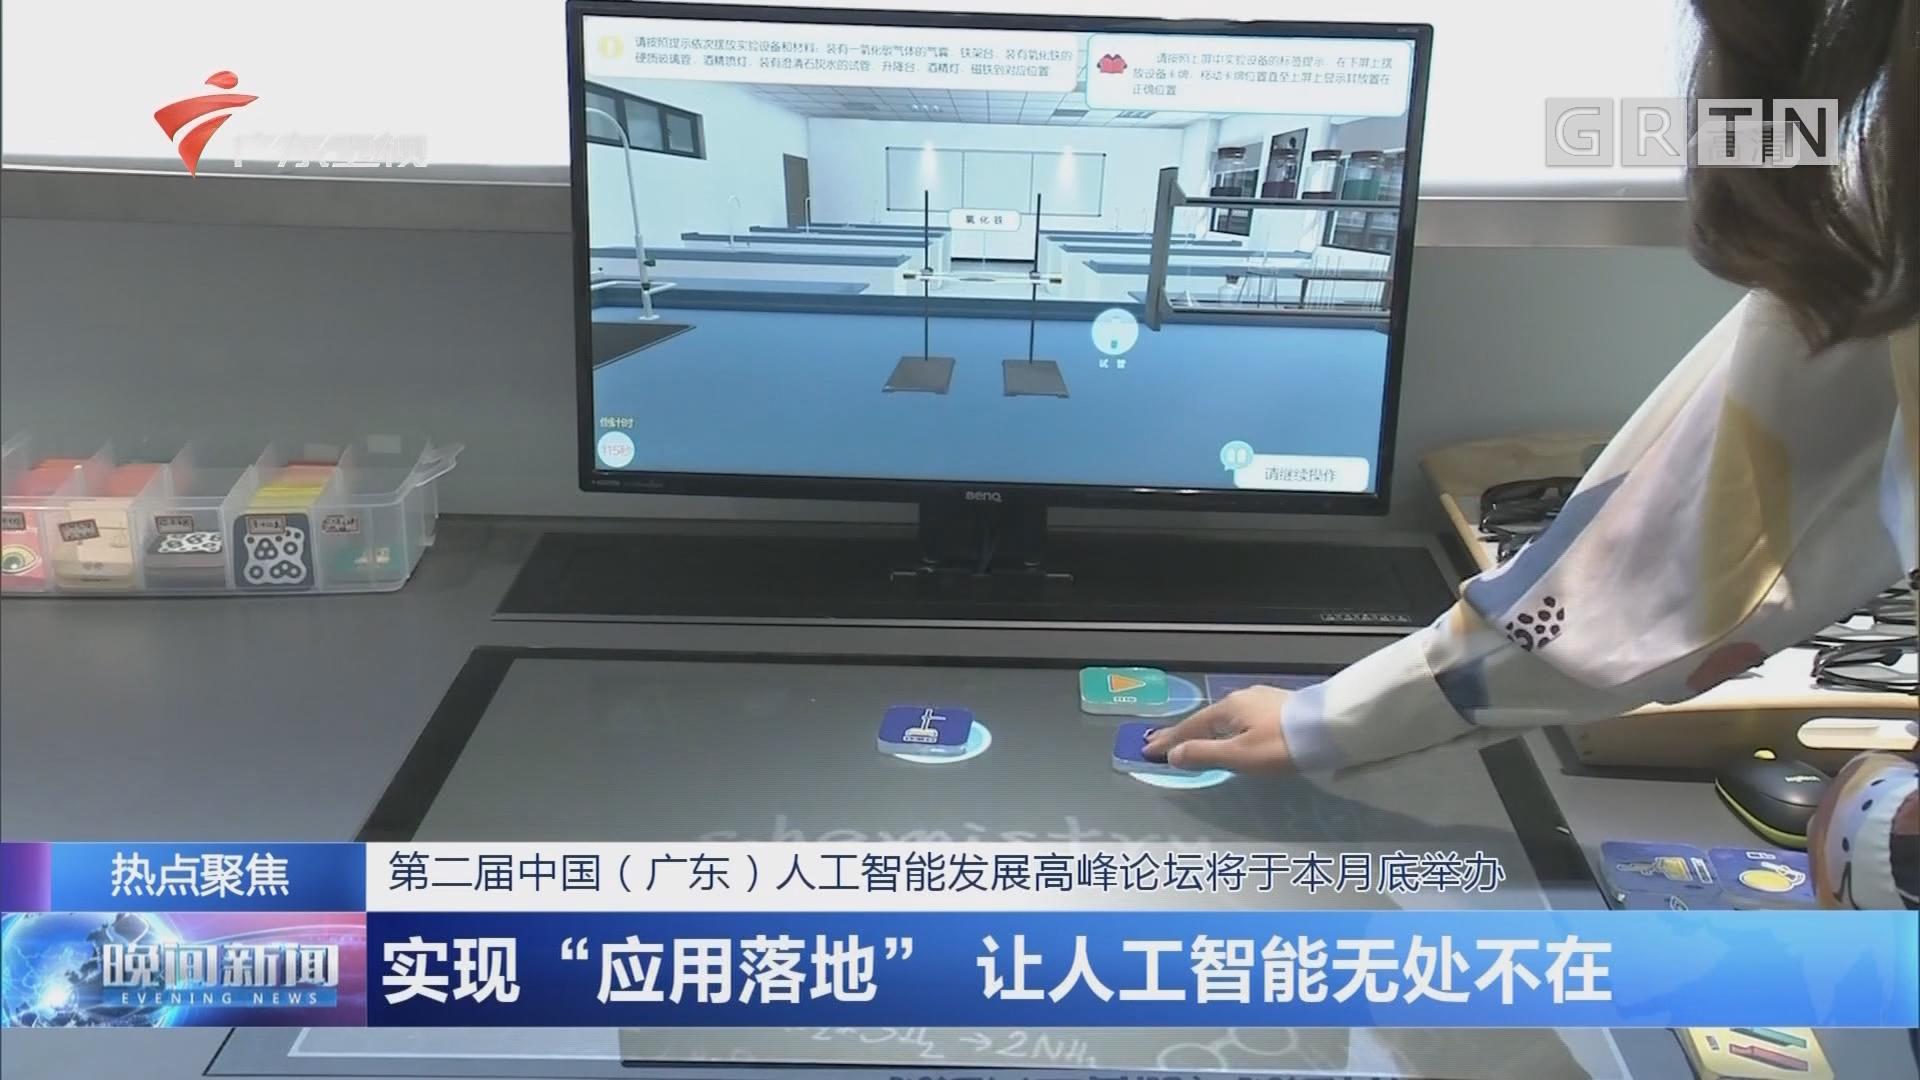 """第二届中国(广东)人工智能发展高峰论坛将本月底举办 实现""""应用落地""""让人工智能无处不在"""